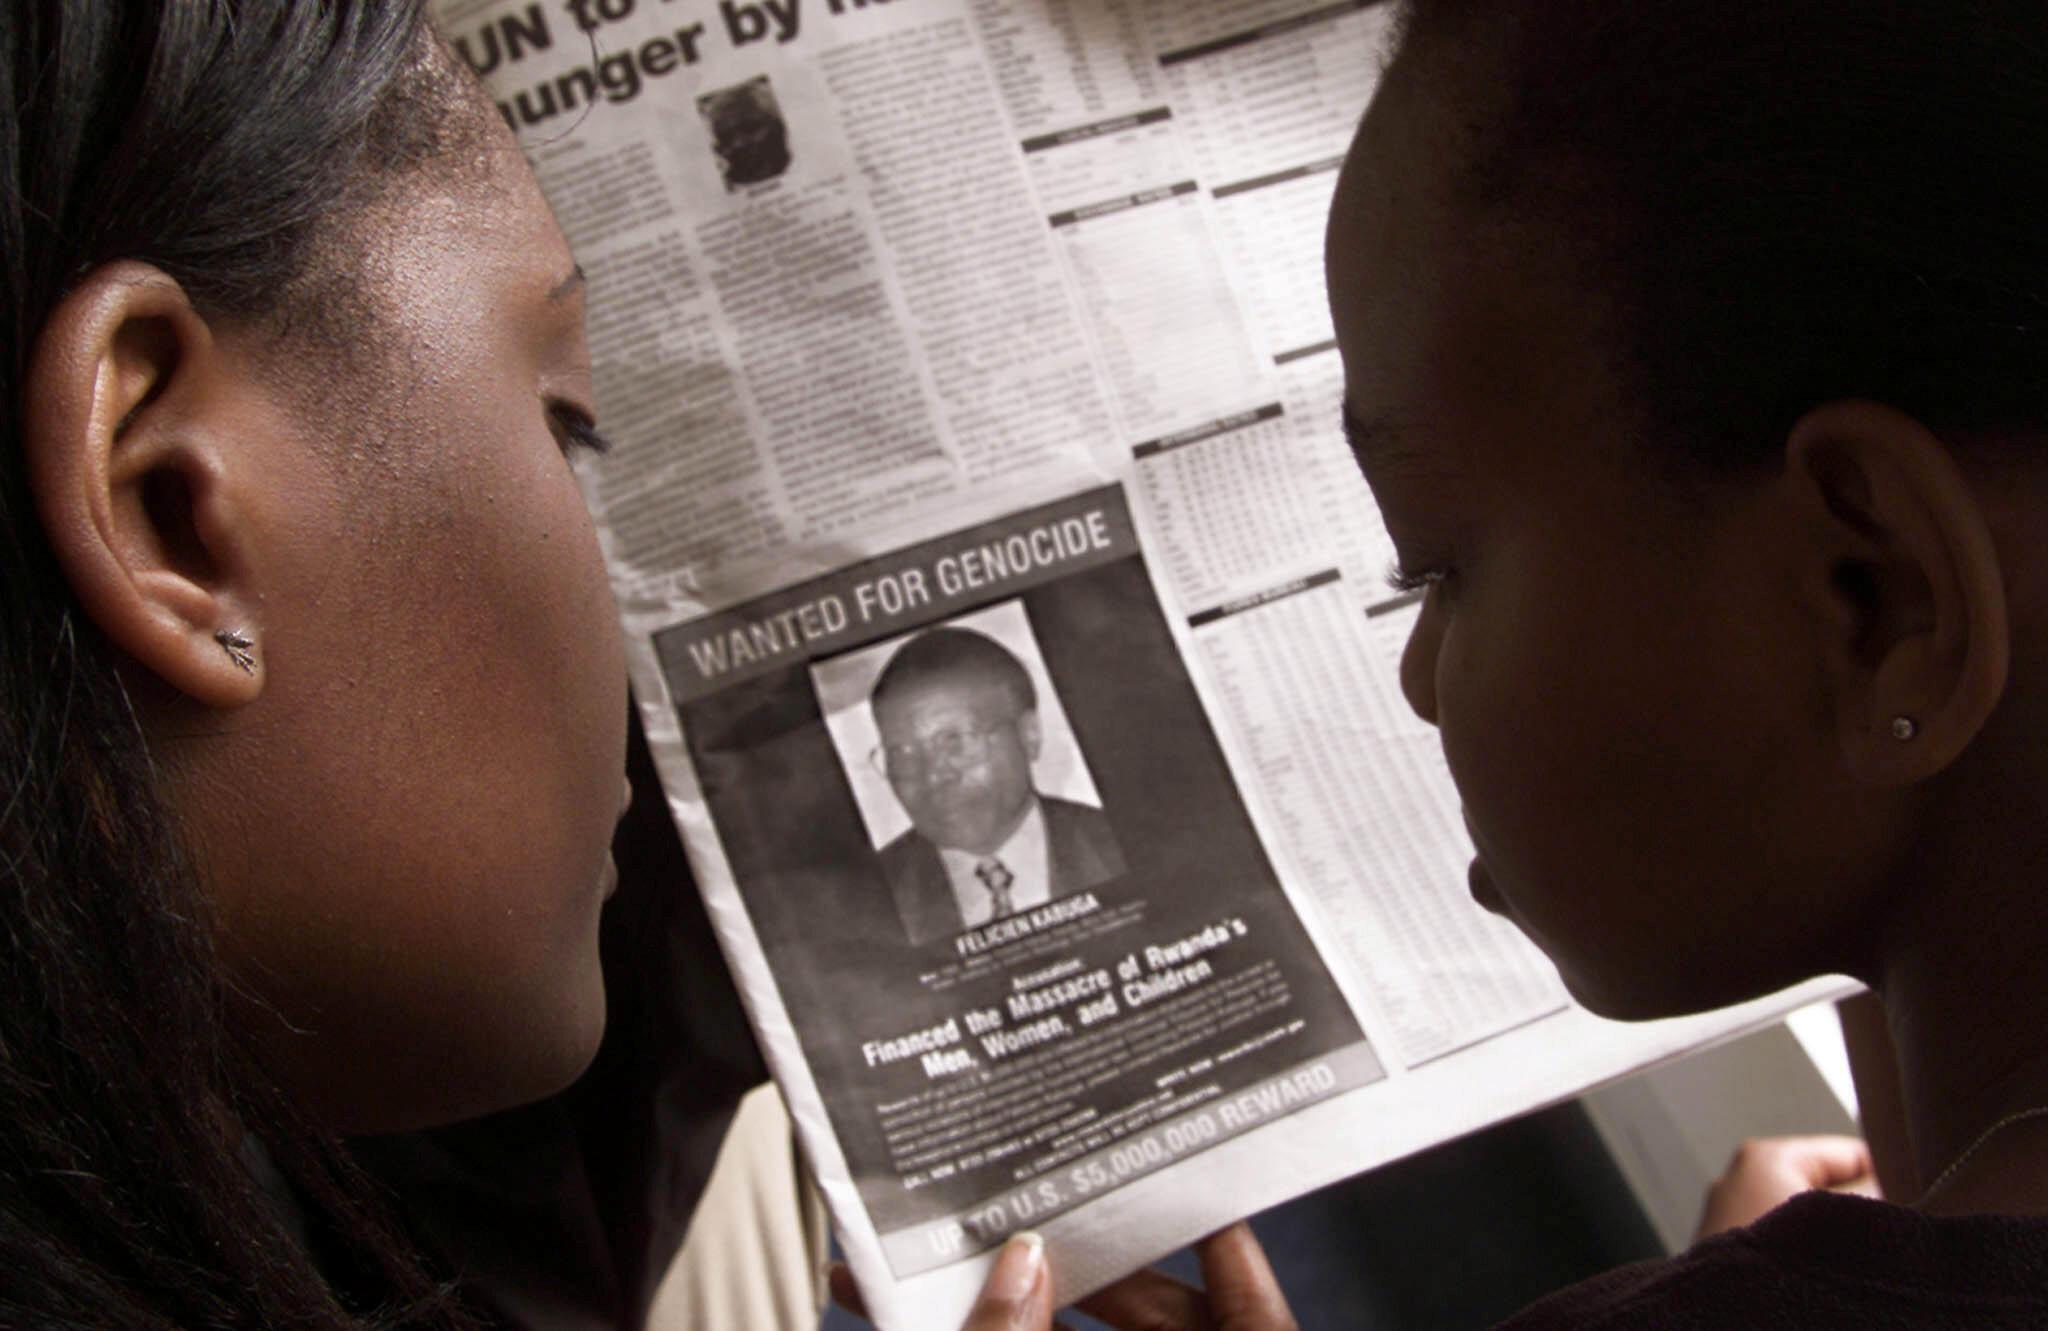 Avis de recherche de Félicien Kabuga publié dans des journaux kényans en 2002.